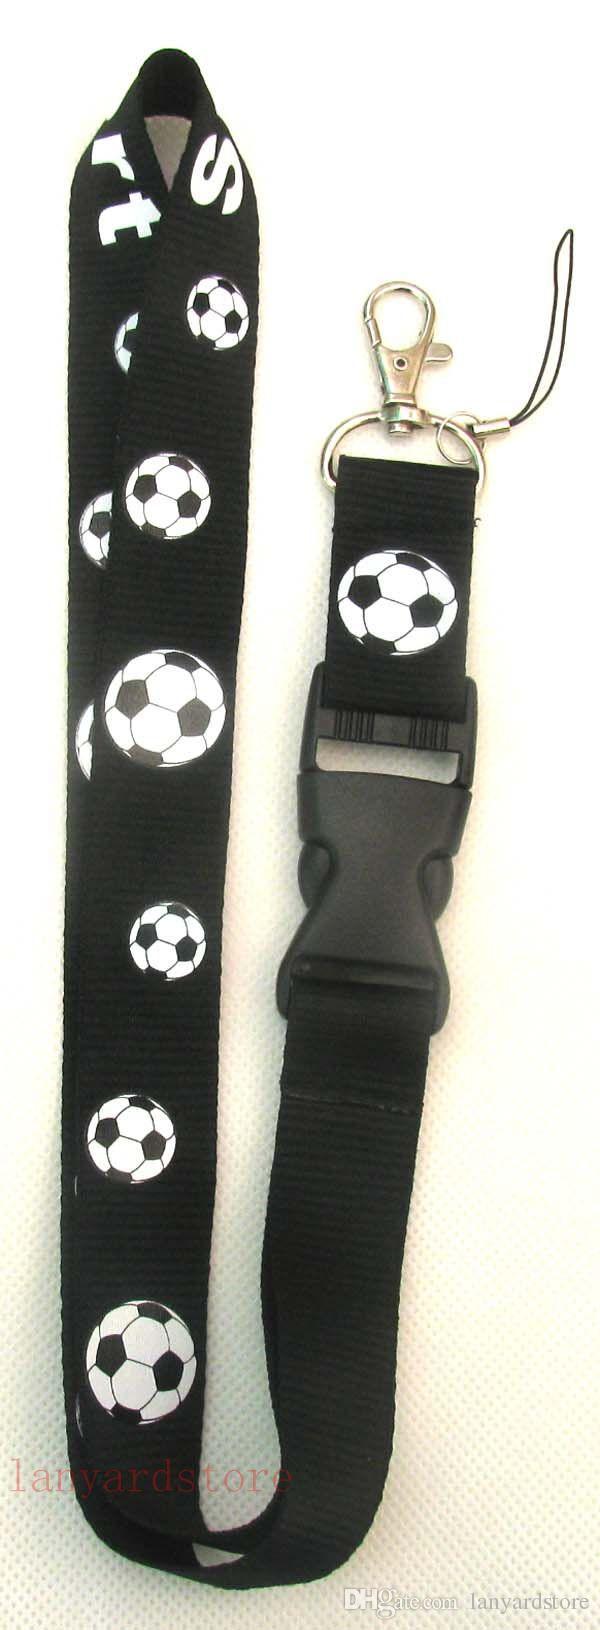 Correa del teléfono del fútbol correa del cuello cordón clave tarjeta de identificación teléfono móvil soporte USB cordón cinta 2 colores